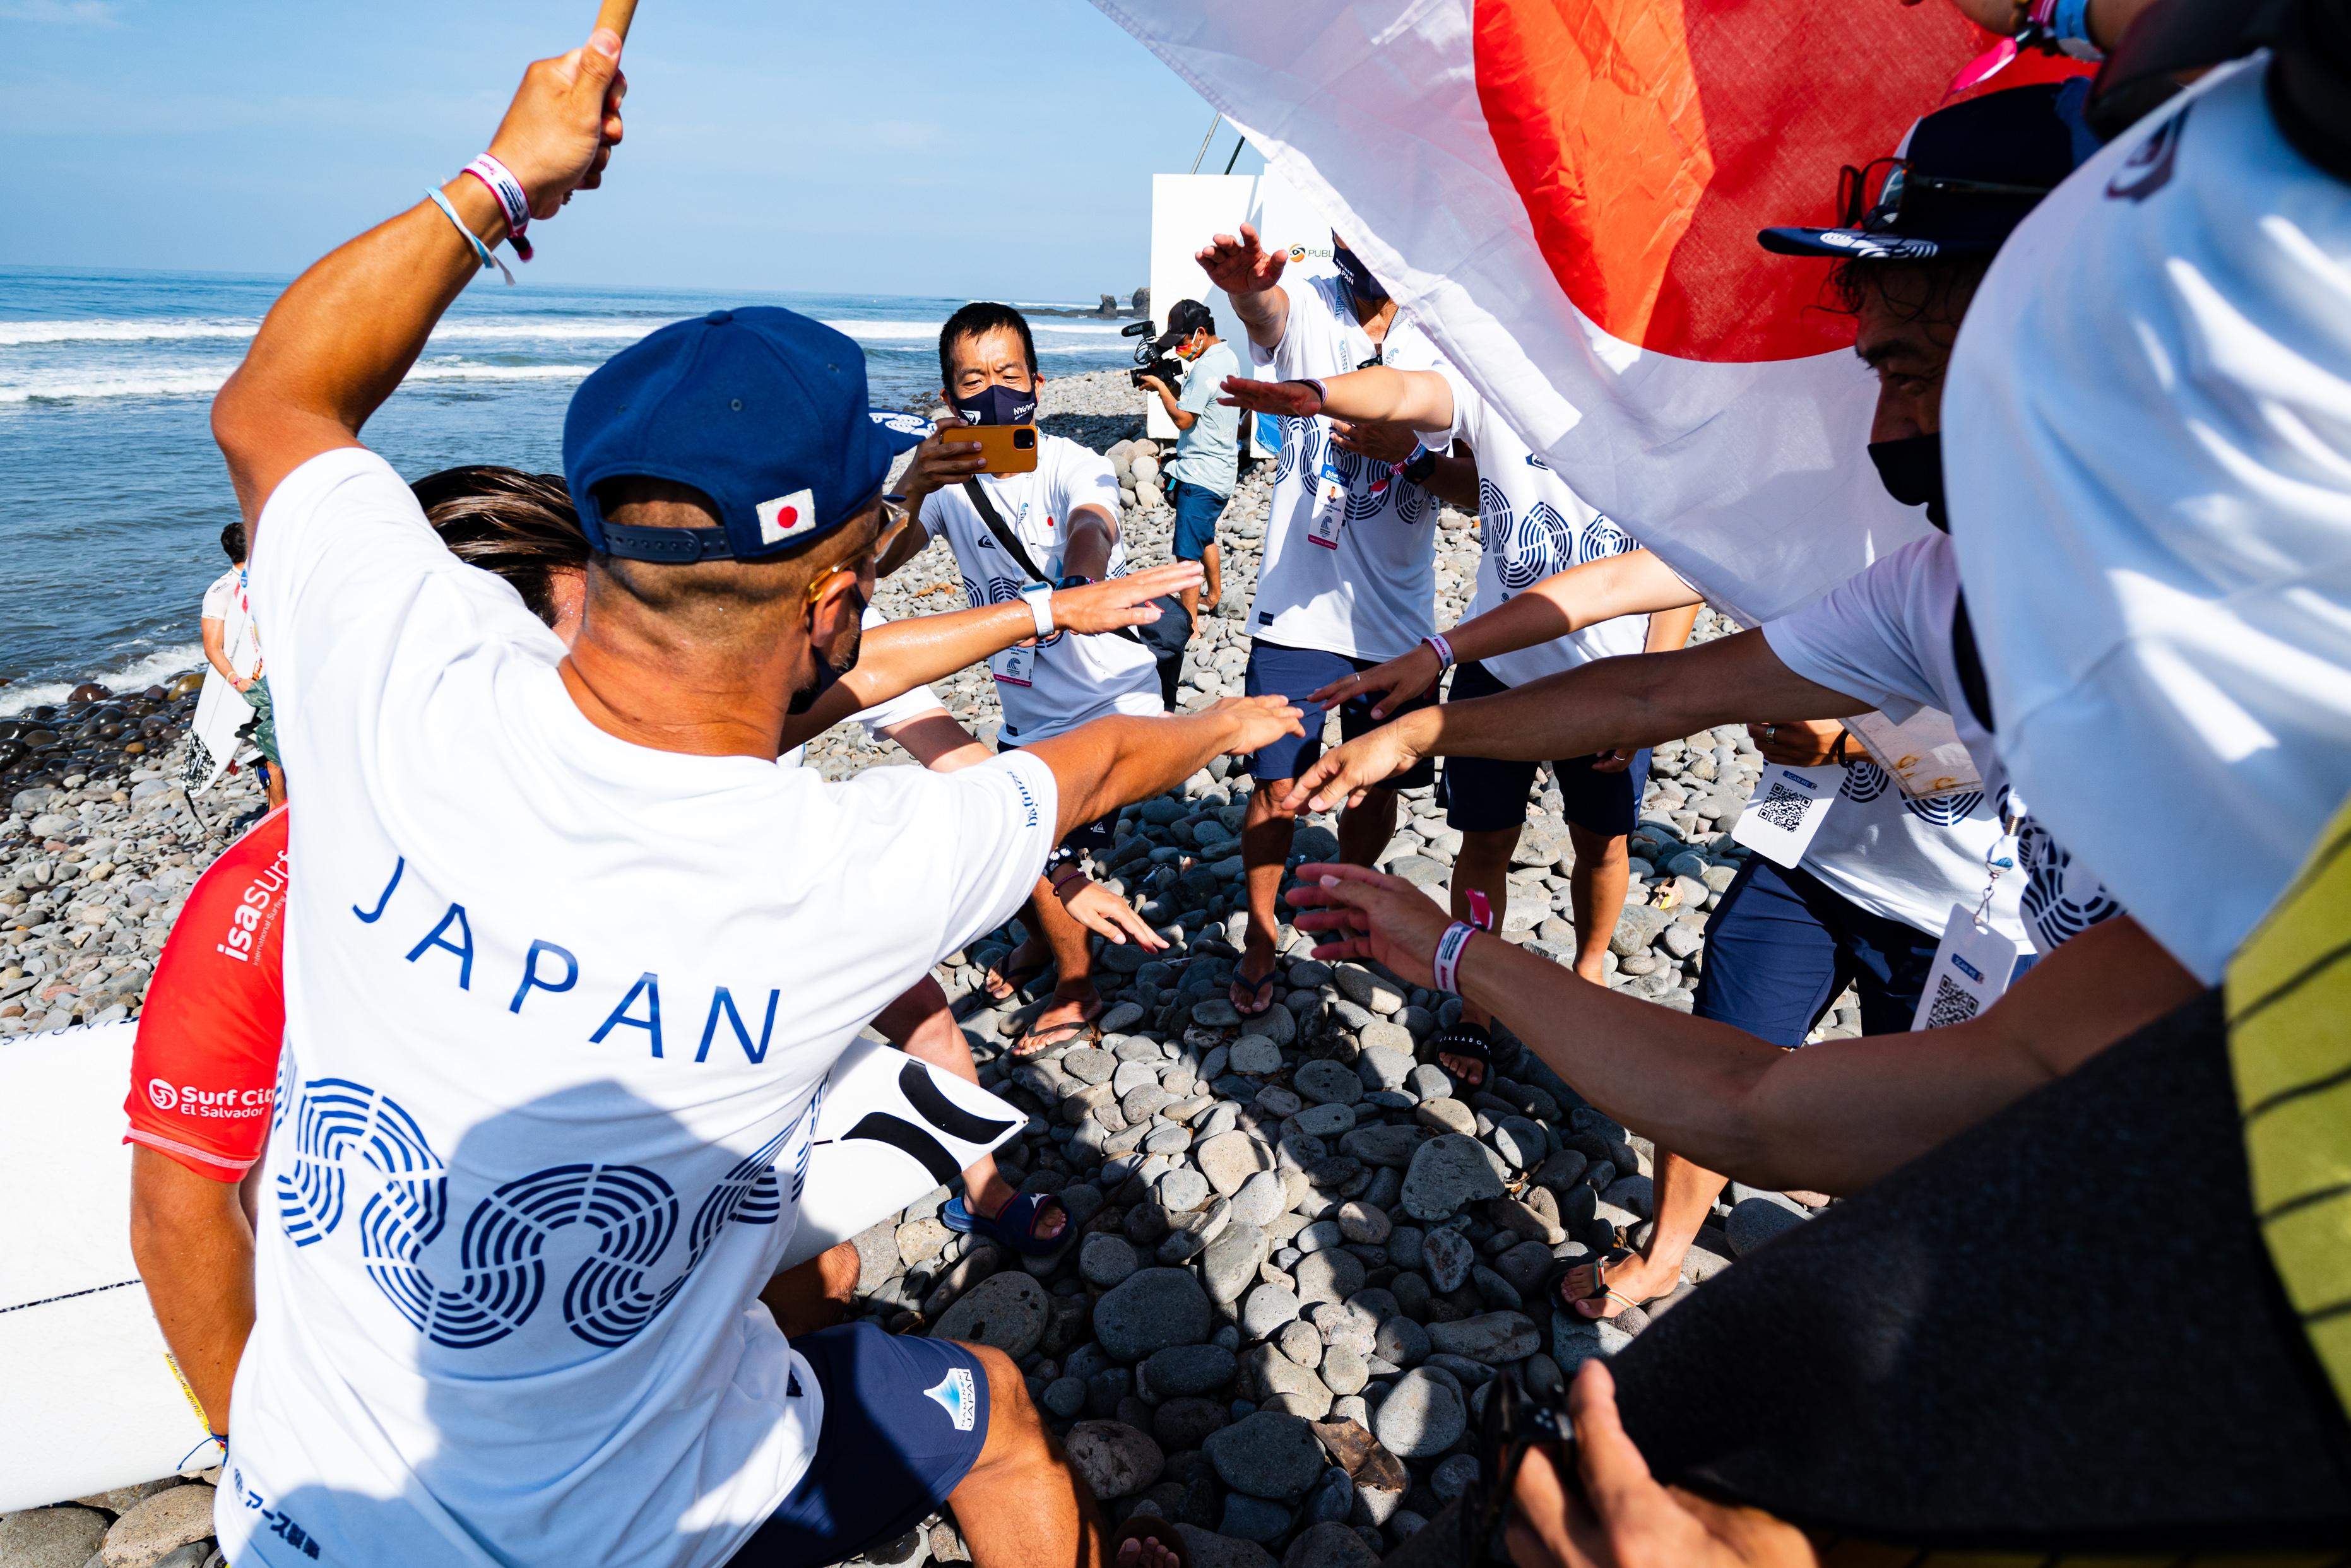 【祝!】ISA World Surfing Gamesで日本代表枠を勝ち取った五十嵐カノア、大原洋人、前田マヒナ、都筑有夢路による大会直後のショートインタビュー集